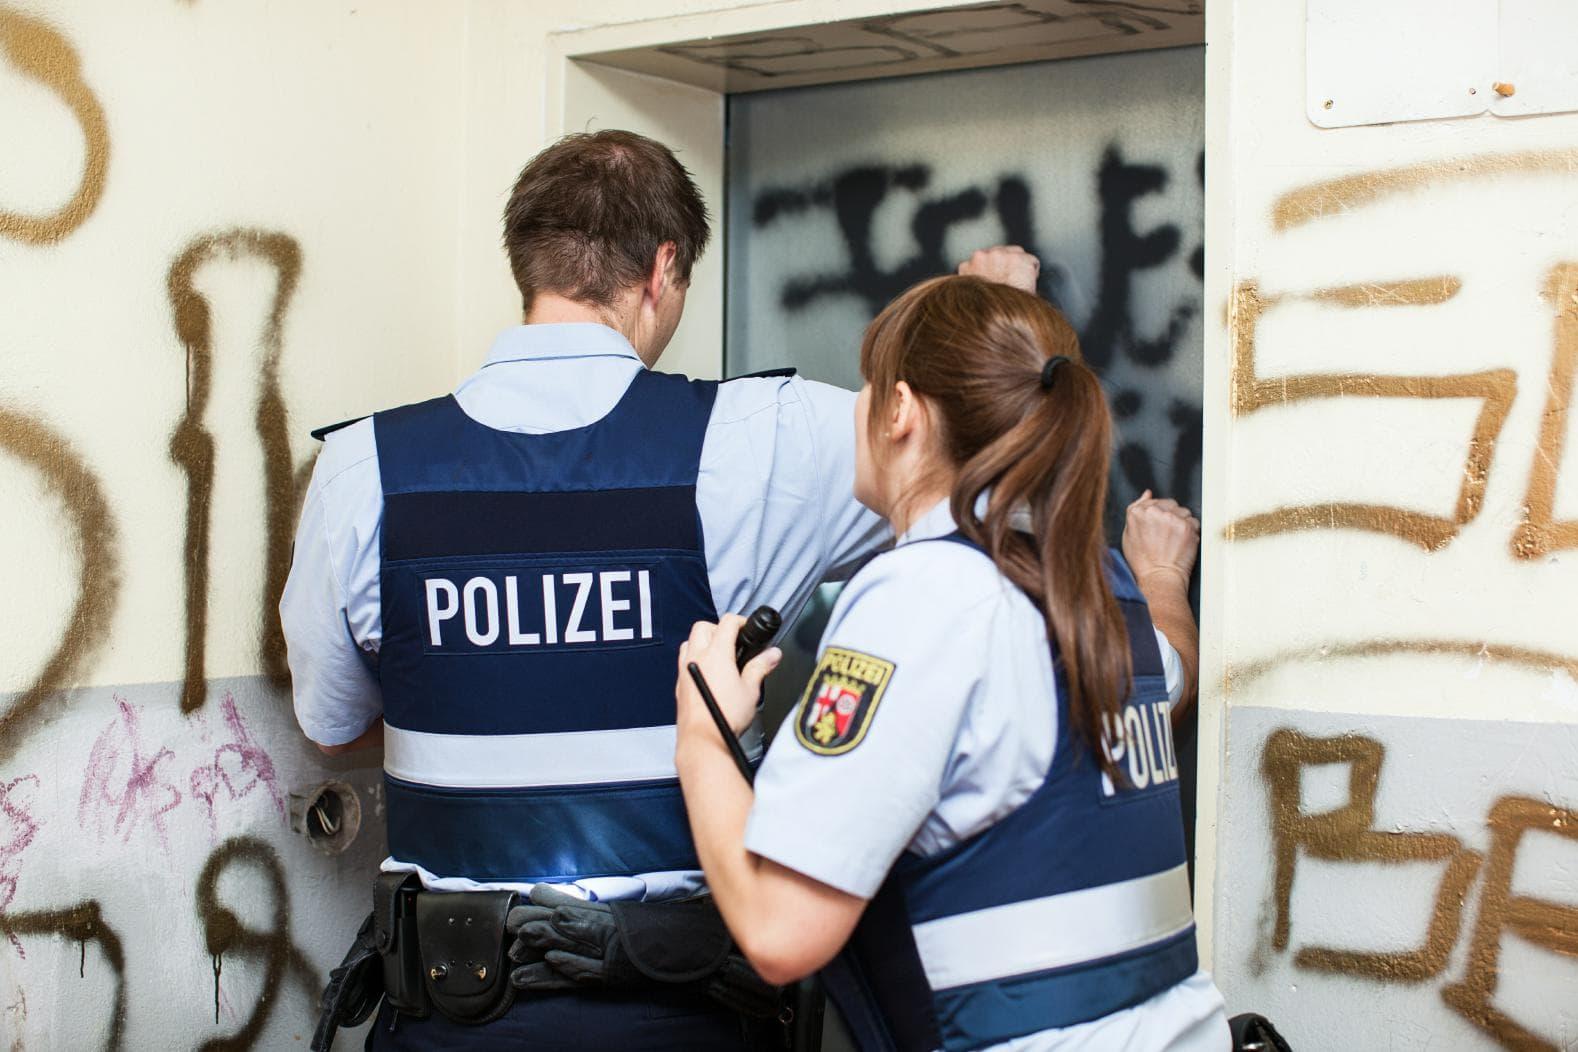 Abschiebung - Symbolfoto einer Polizeimaßnahme an einem Wohngebäude